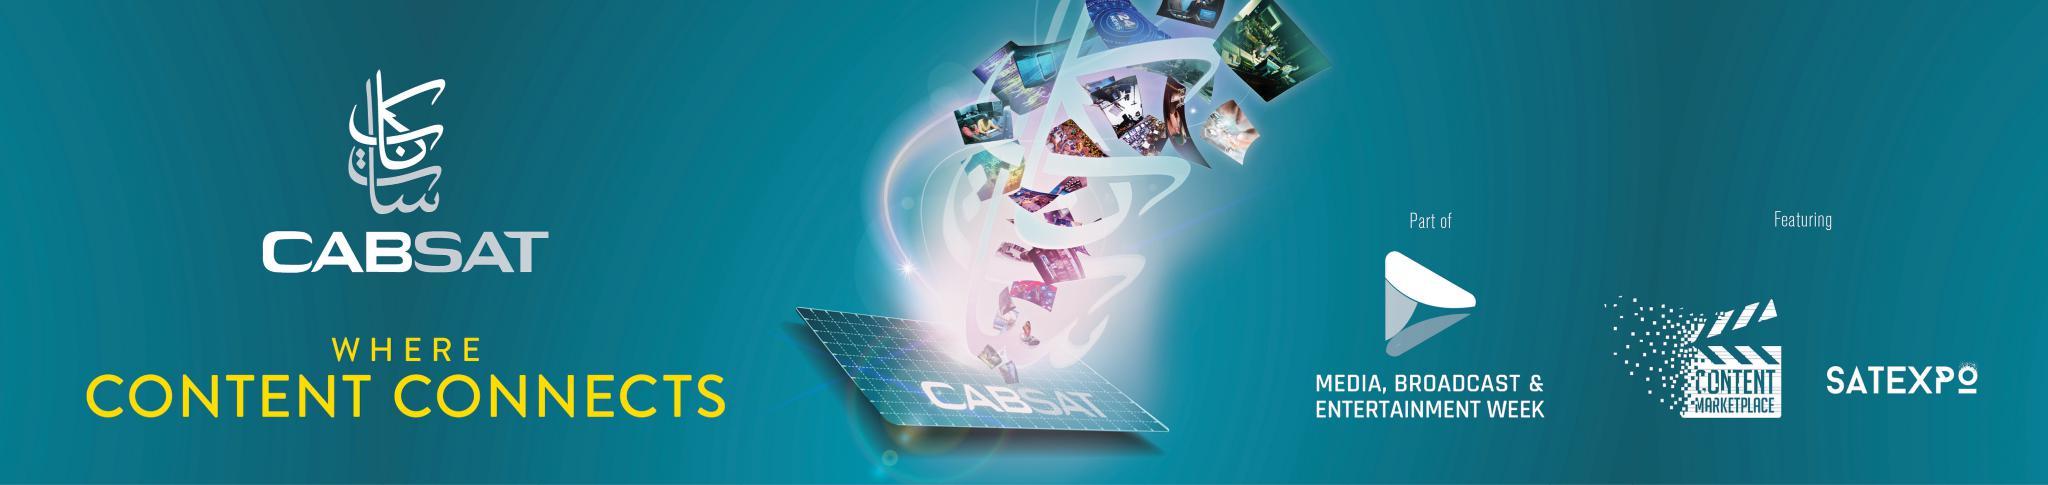 cabsat-006-website-v4